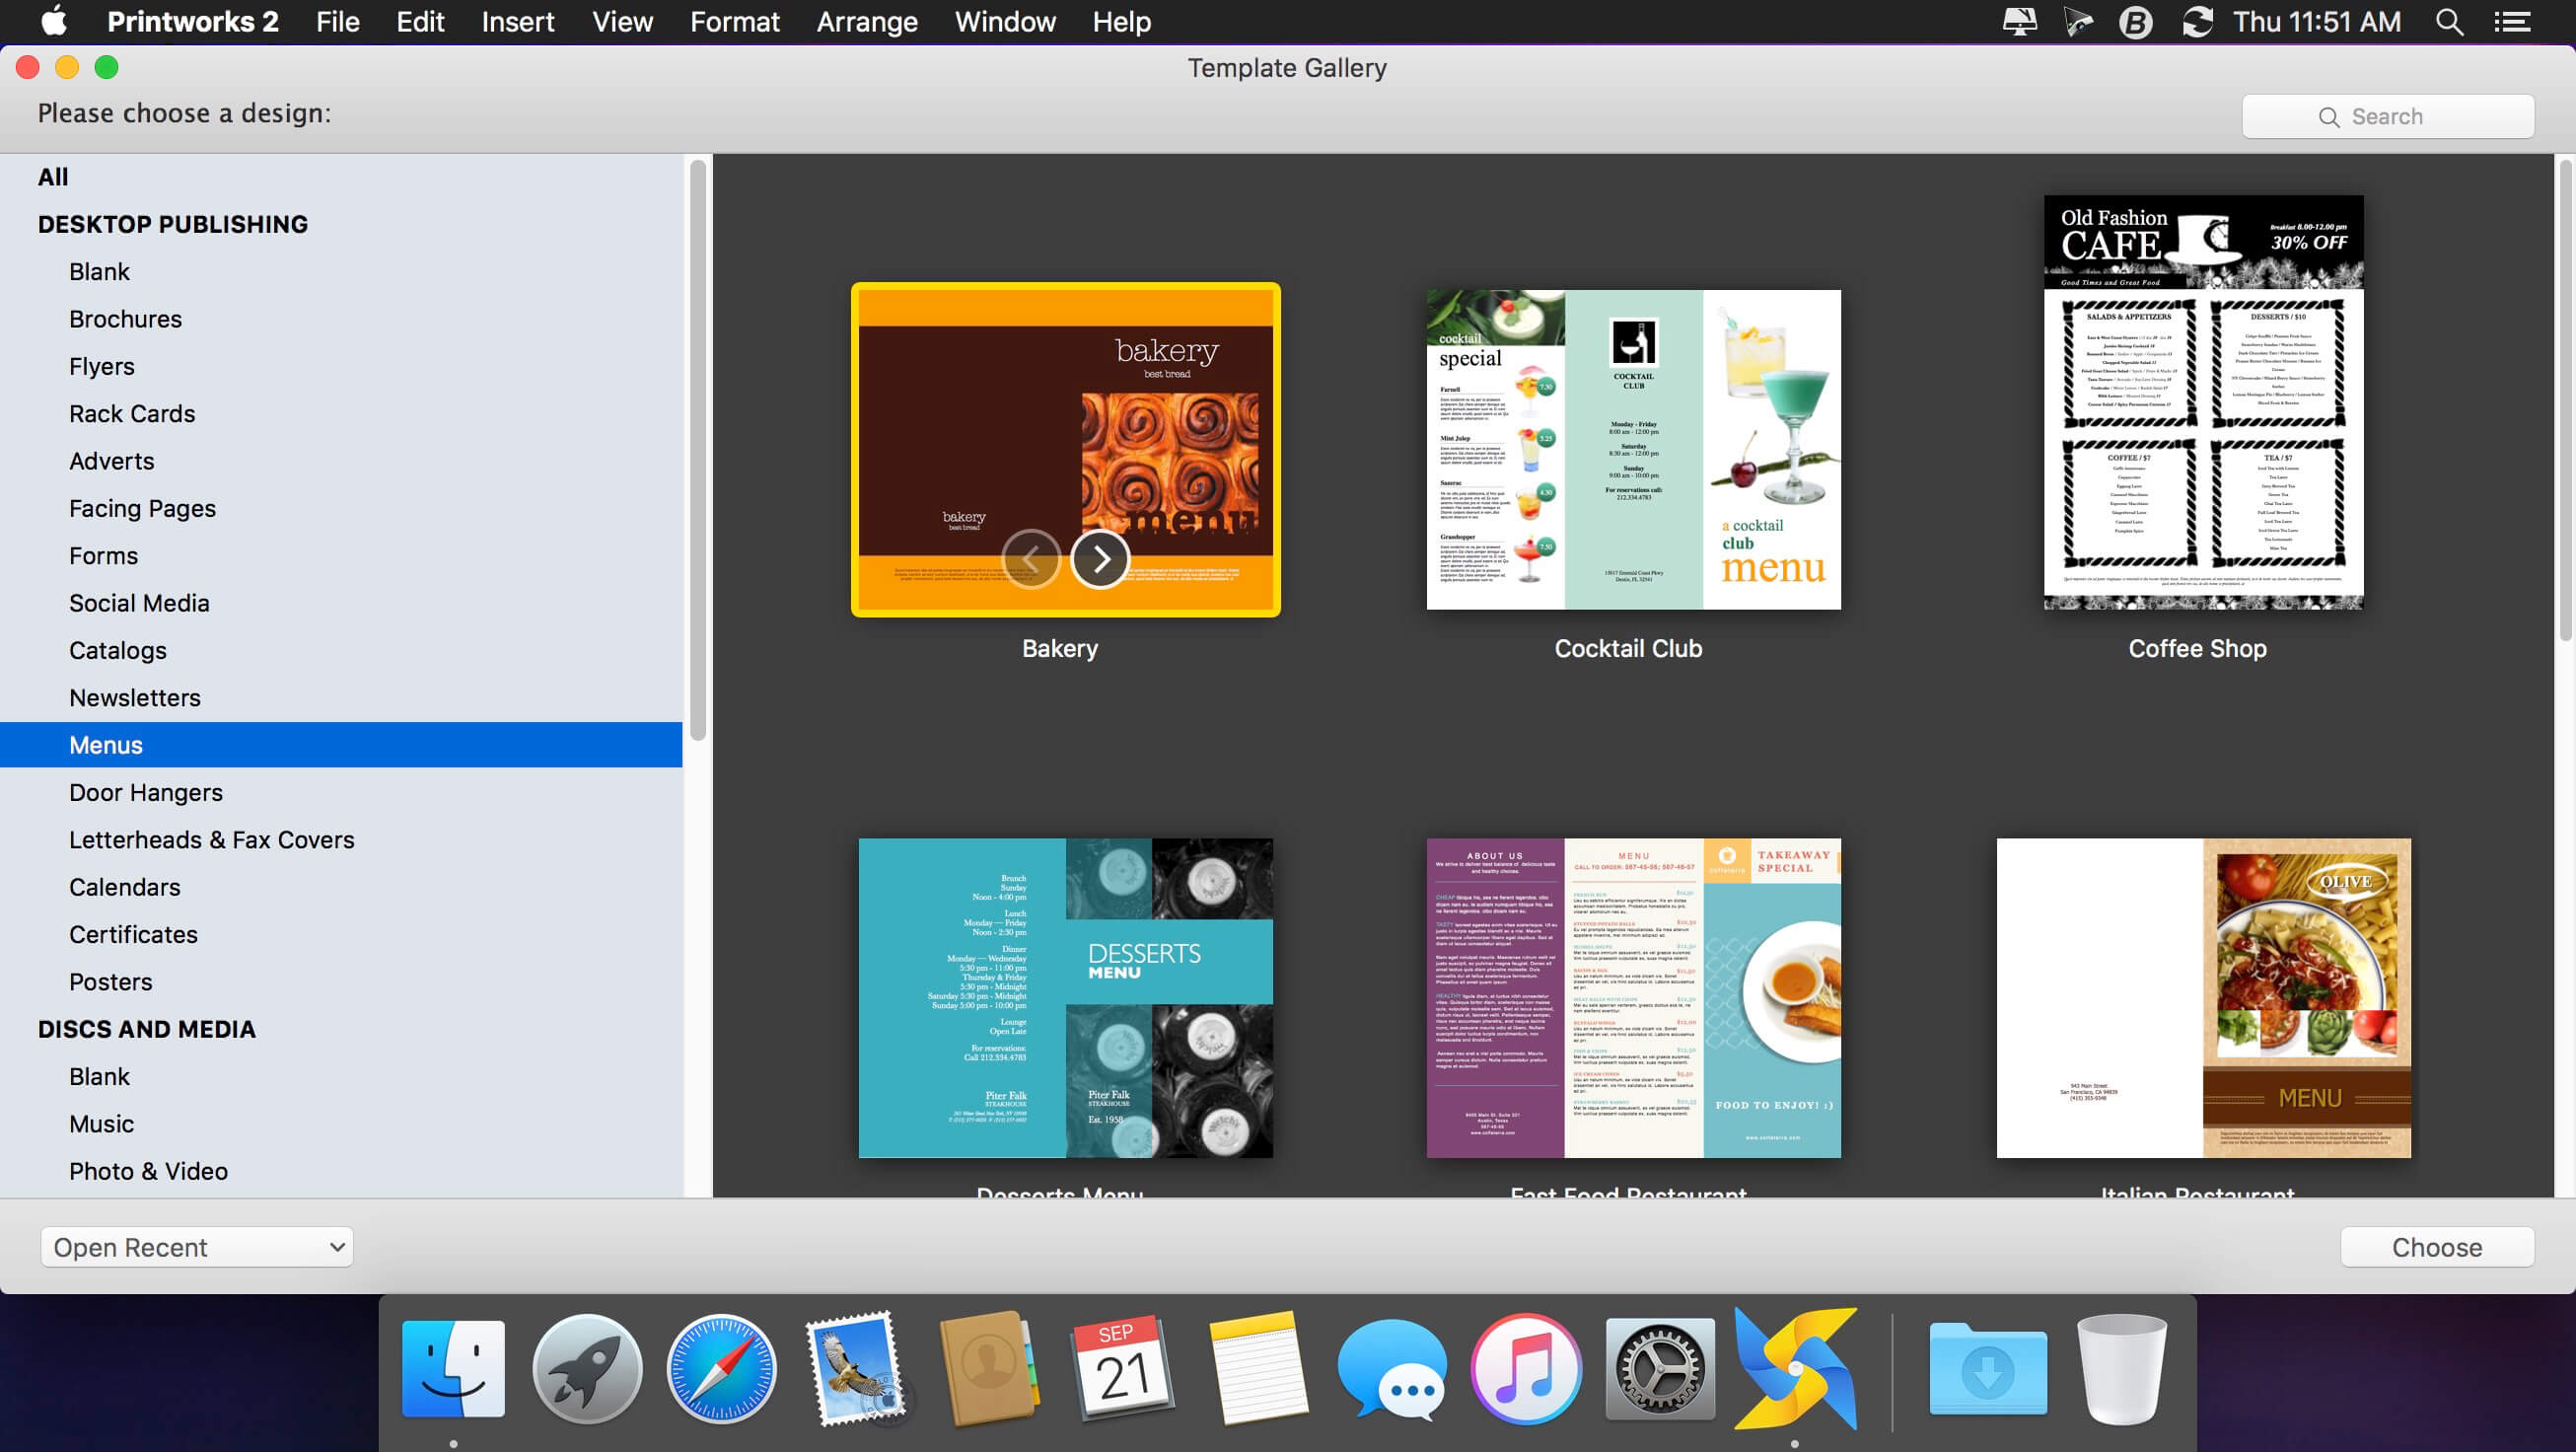 Download BeLight Software Printworks 64 bit